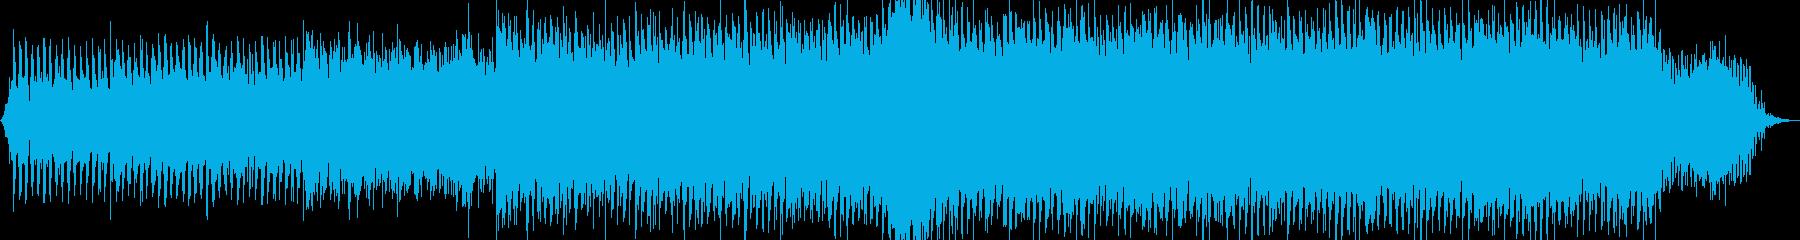 重たい雰囲気のダークなテクノの再生済みの波形